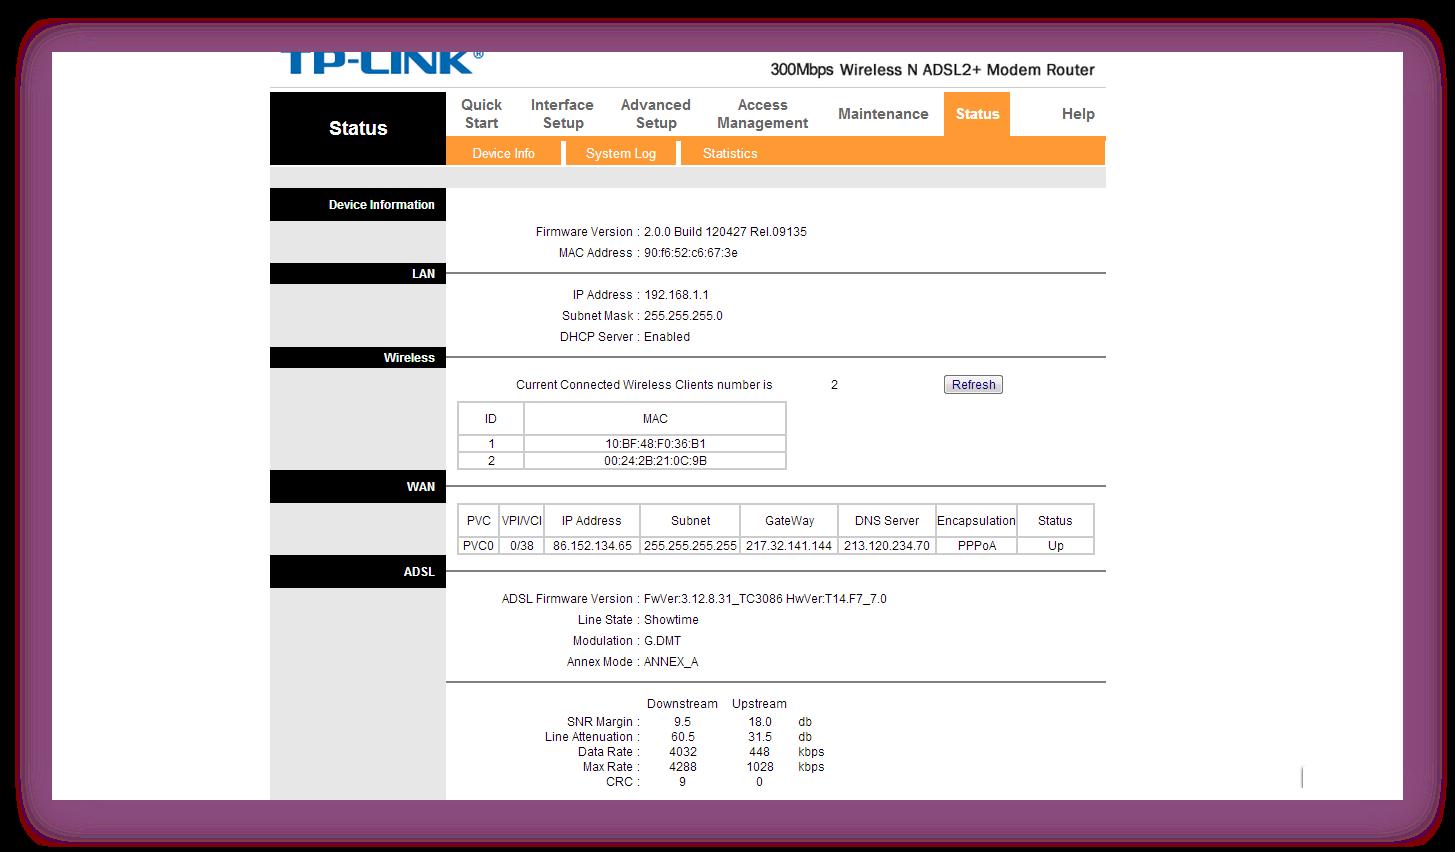 آوزش روش تنظیم ip addressو subnetmask برای ماژول شبکه اترنت